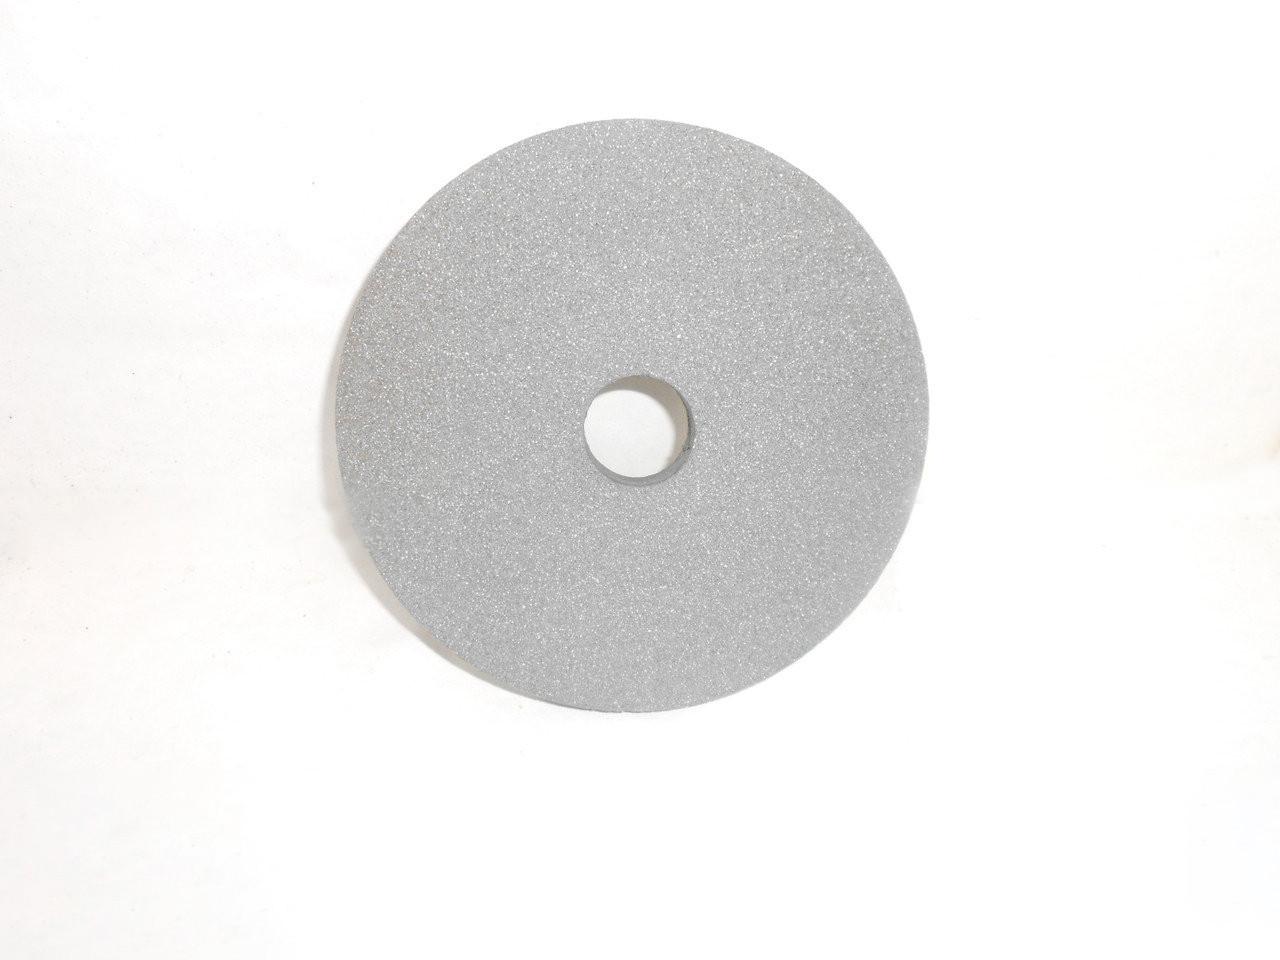 Круг шлифовальный 14А ПП 900х28х305  40 СТ2